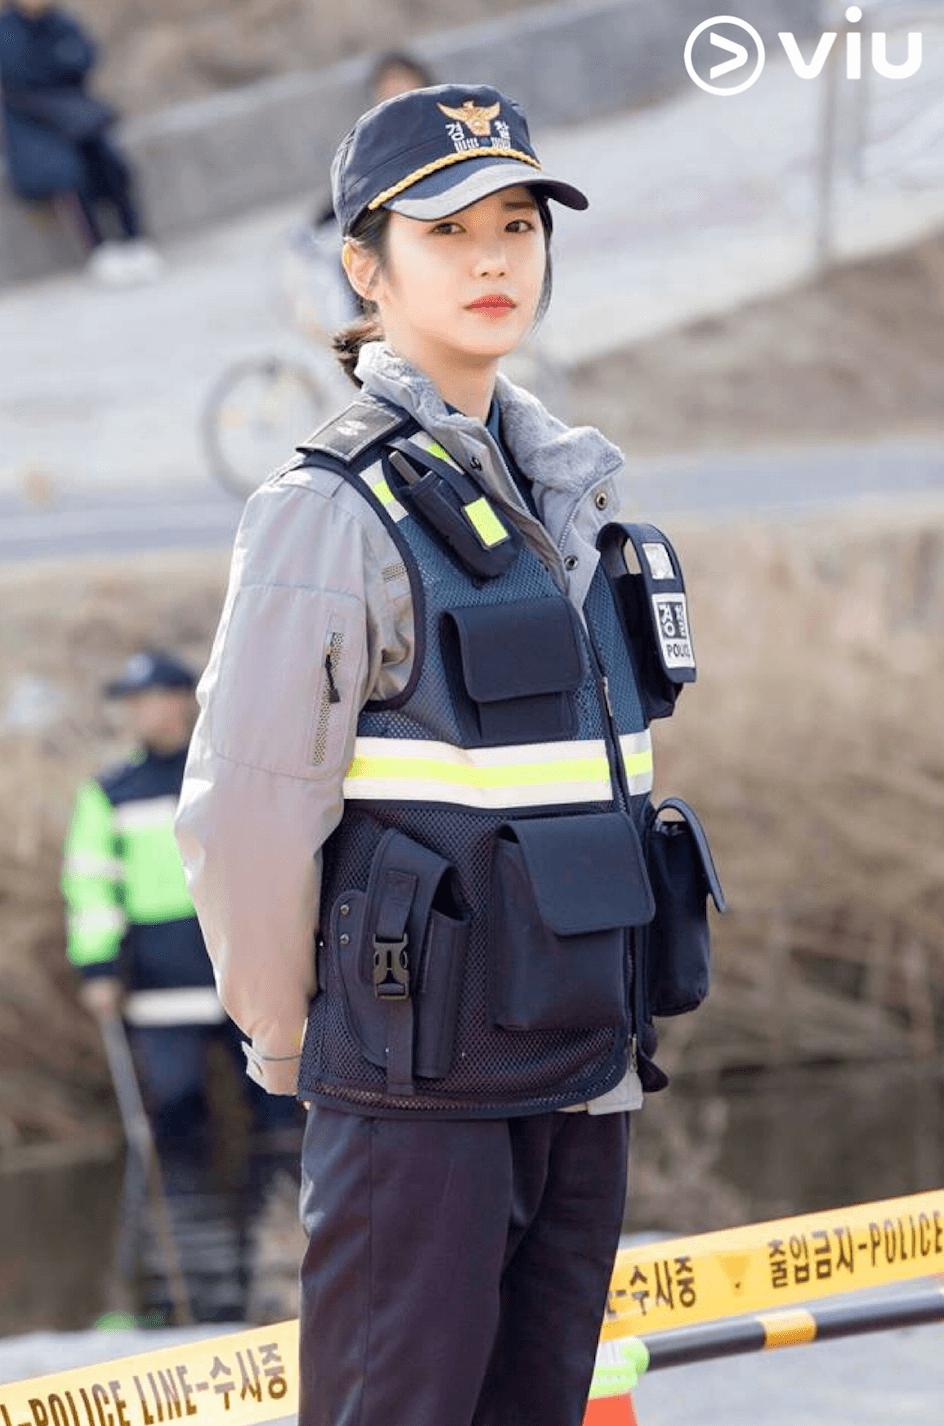 辛睿恩於劇中飾演女警